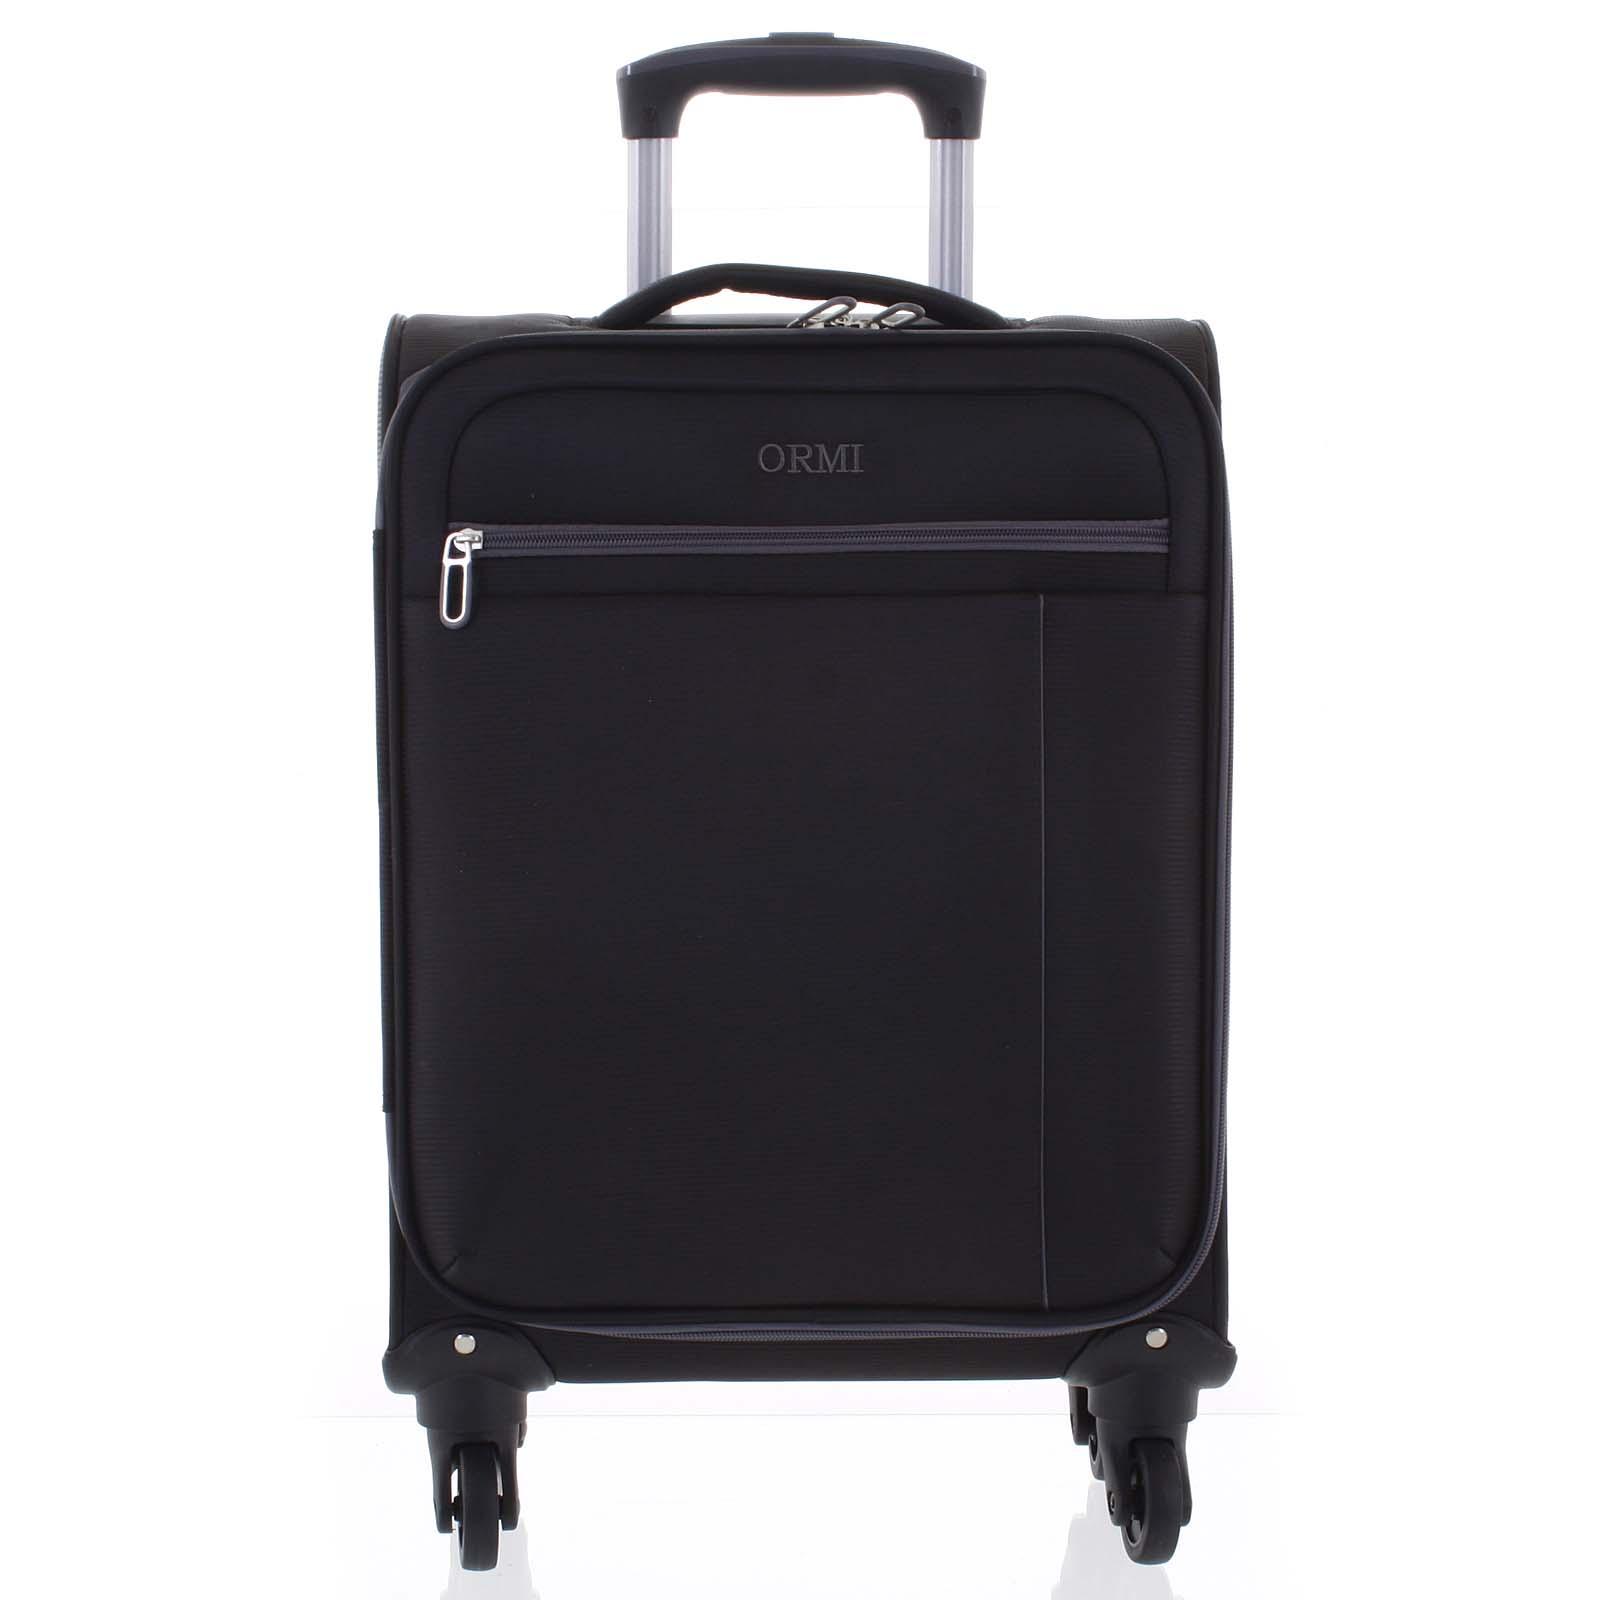 Kvalitný elegantný látkový čierny cestovný kufor - Ormi Mada L